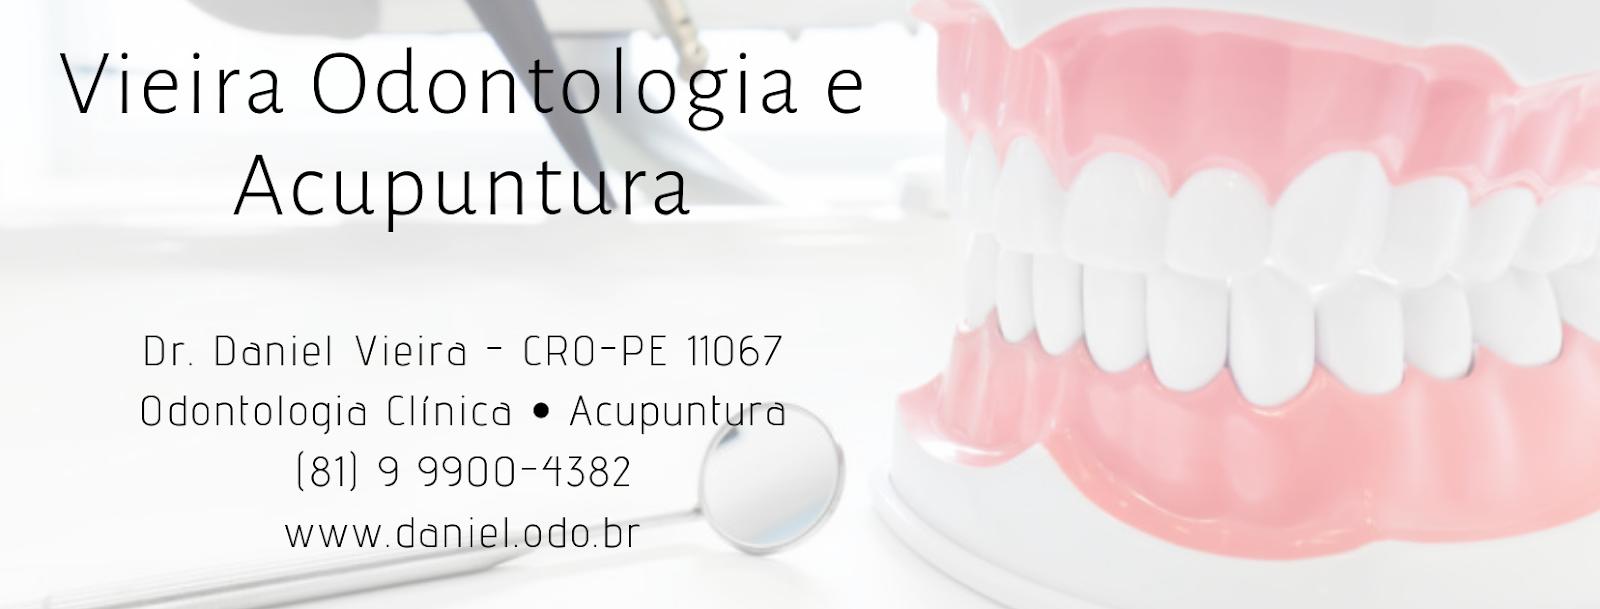 Vieira Odontologia e Acupuntura - Dr. Daniel Vieira (CRO-PE 11067)